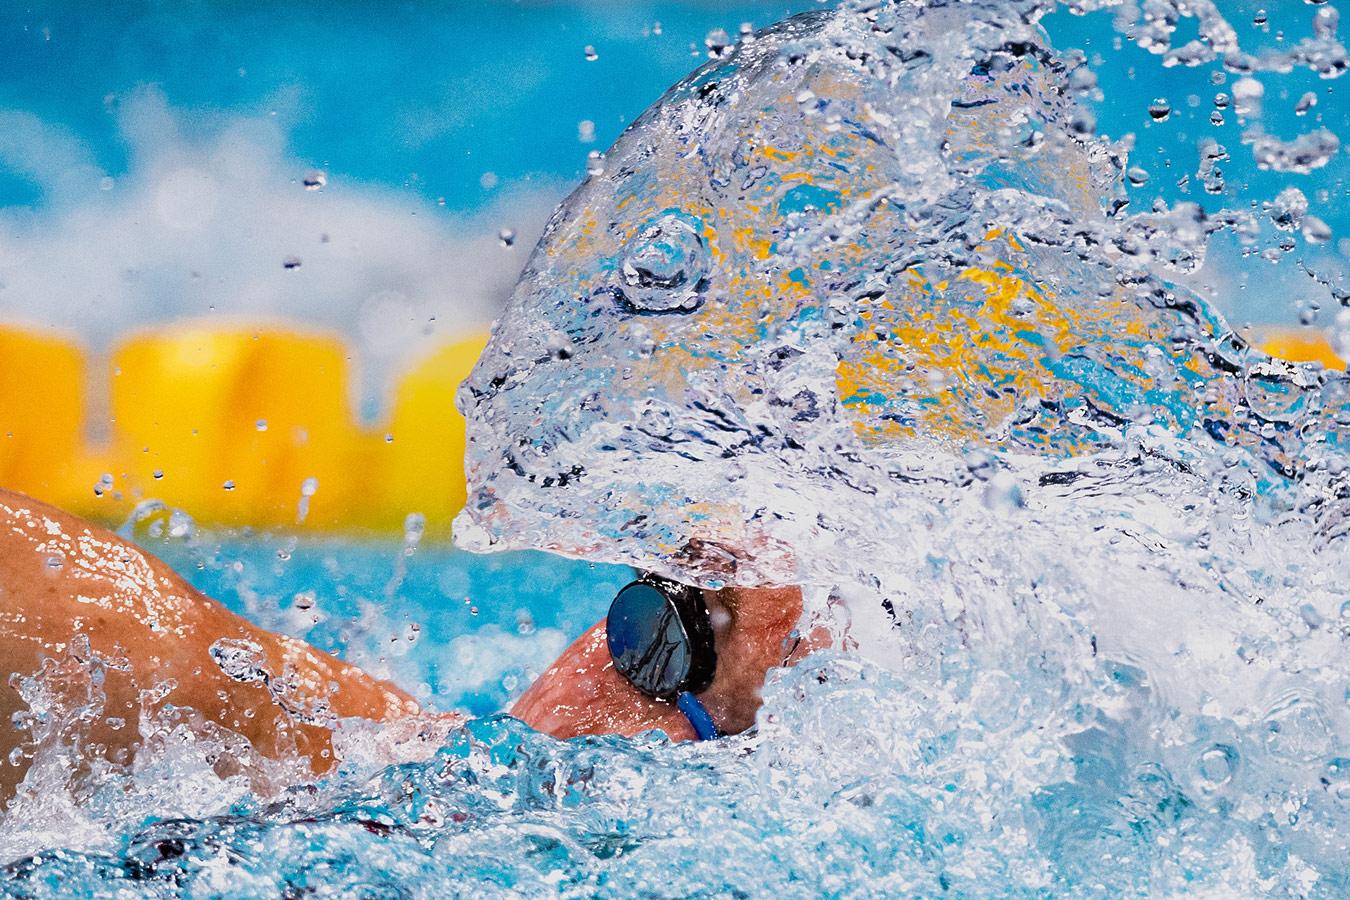 Athlete vs. Animal / Hungary, © Lukas Schulze, Germany, Single Sports 1st Prize, Istanbul Photo Awards